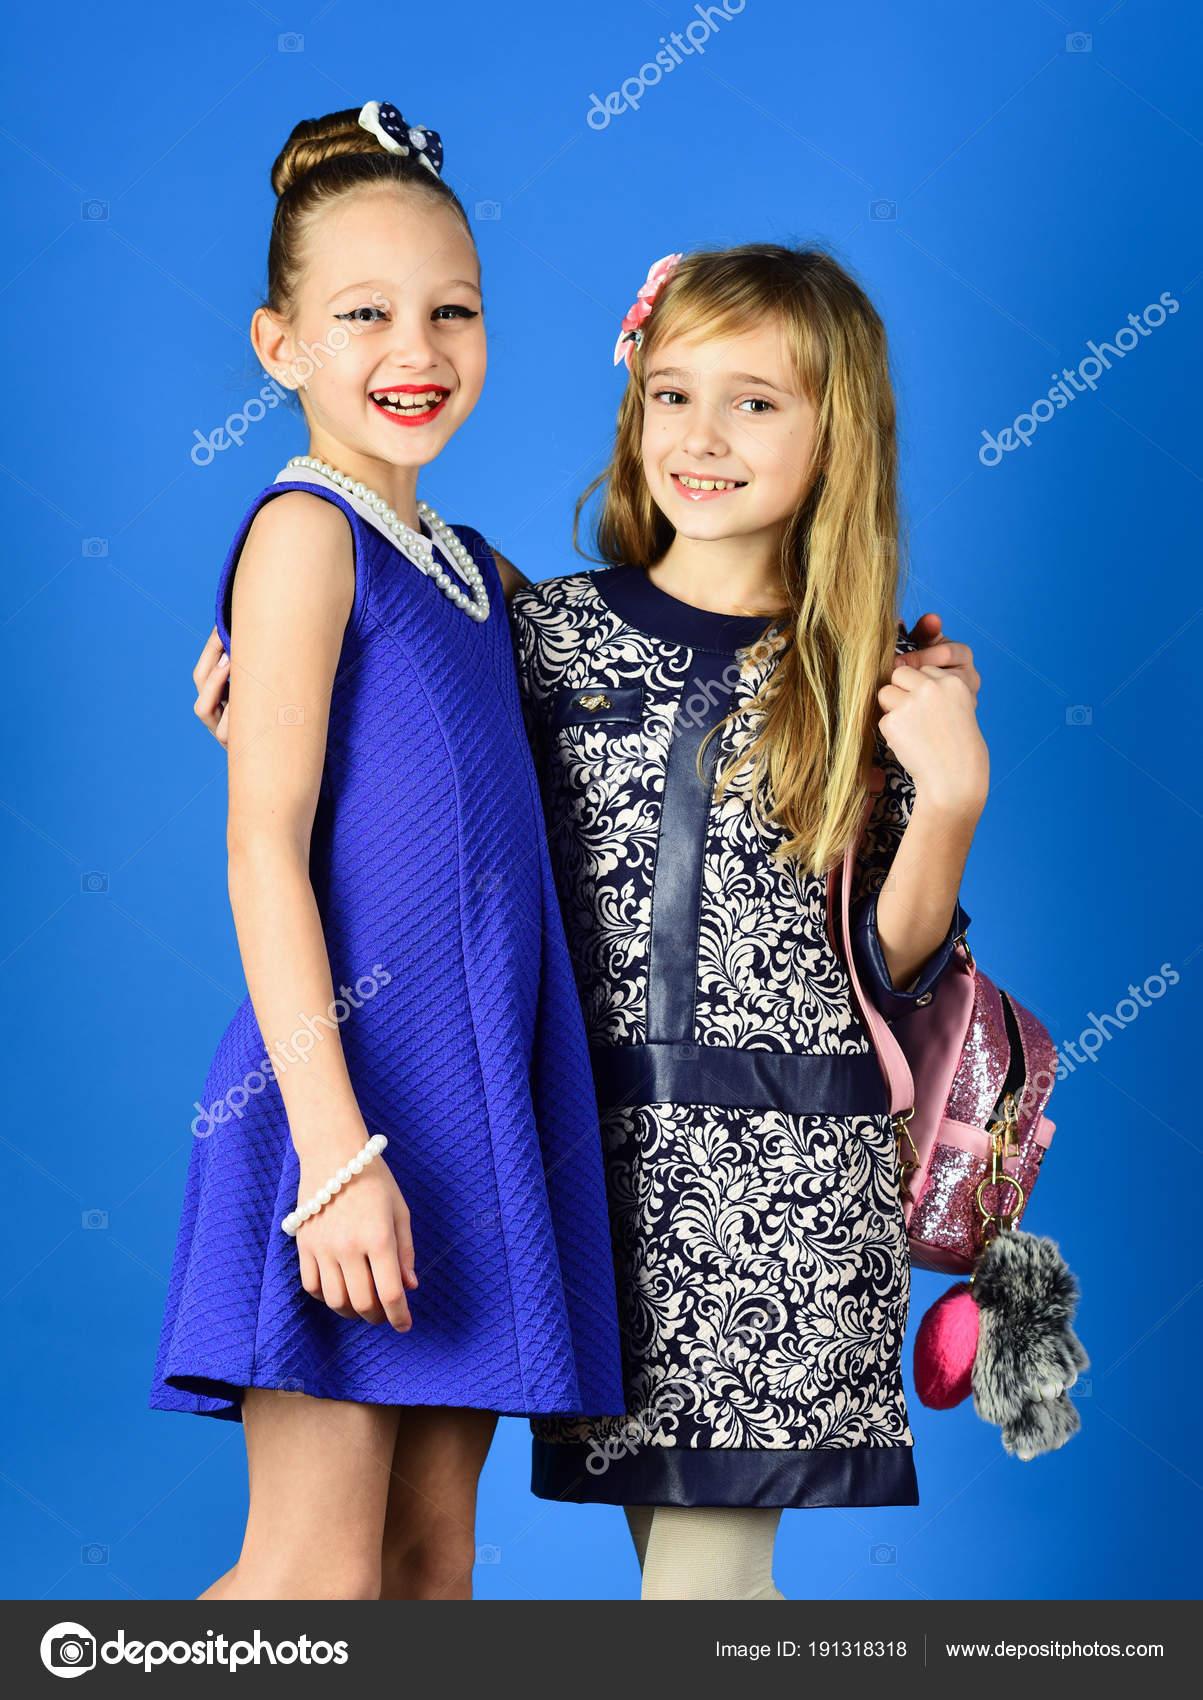 Kleine Mädchen in modische Kleidung, Prom. Familie Mode Modell ...